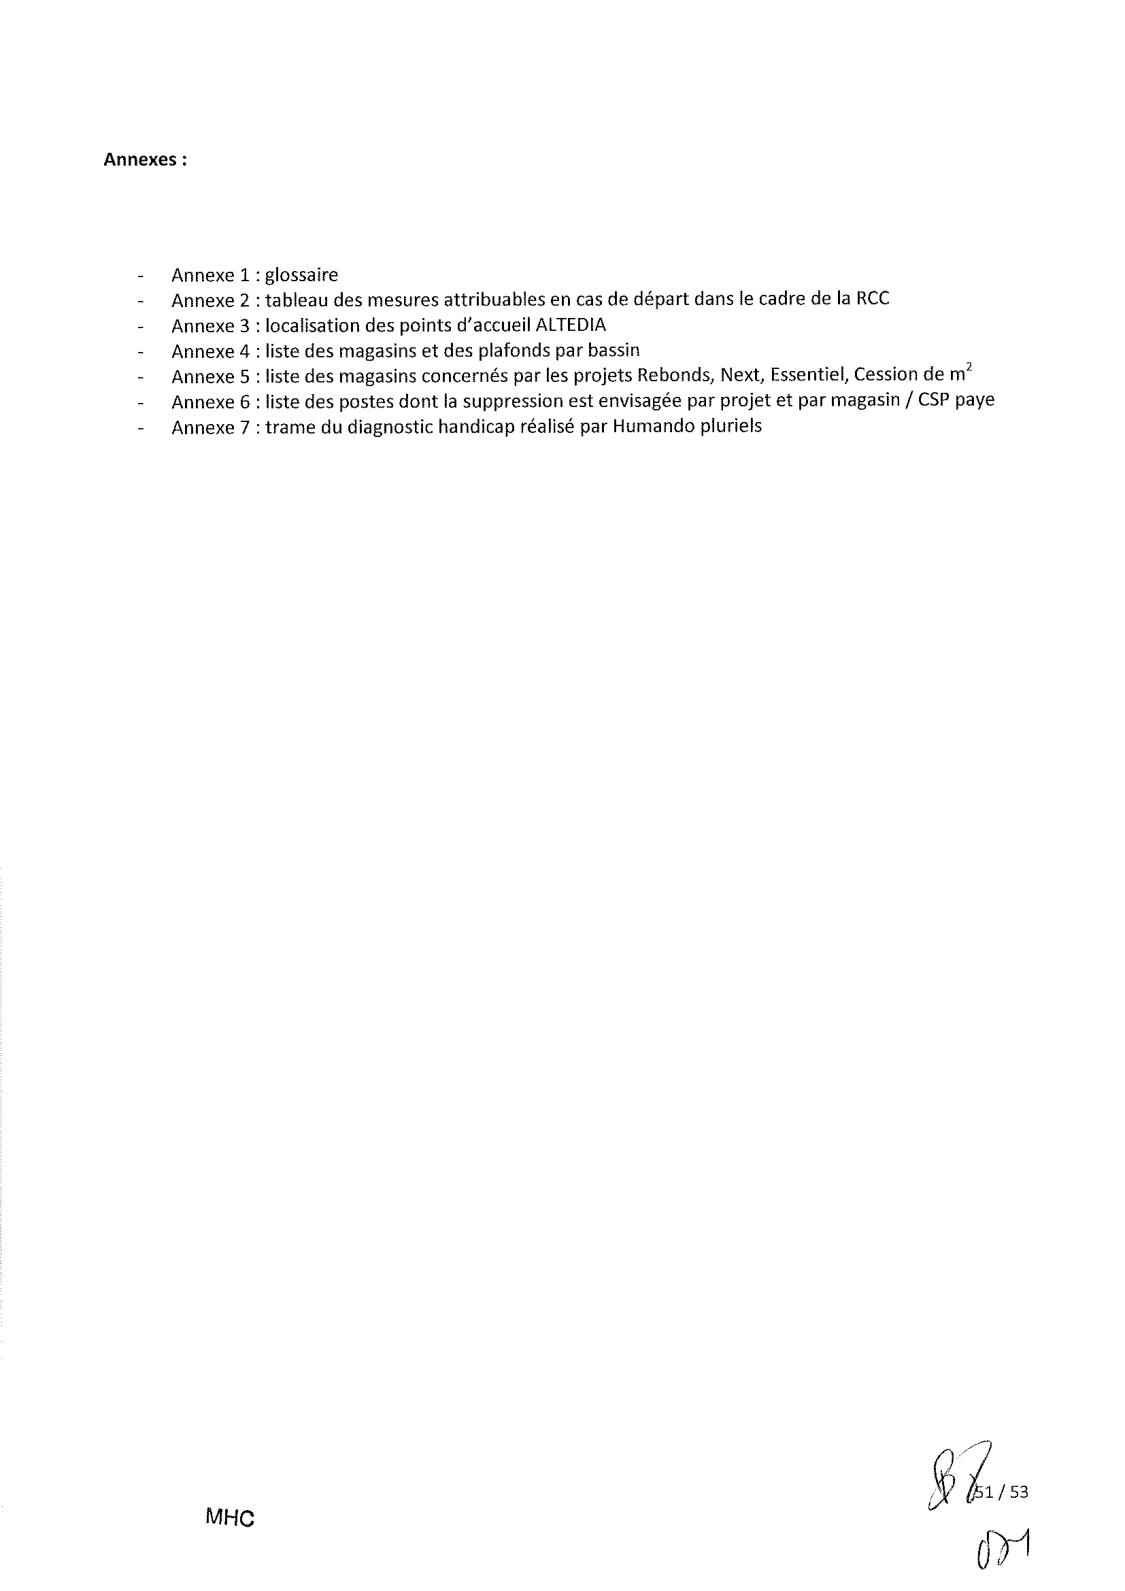 Accord Rcc Annexes